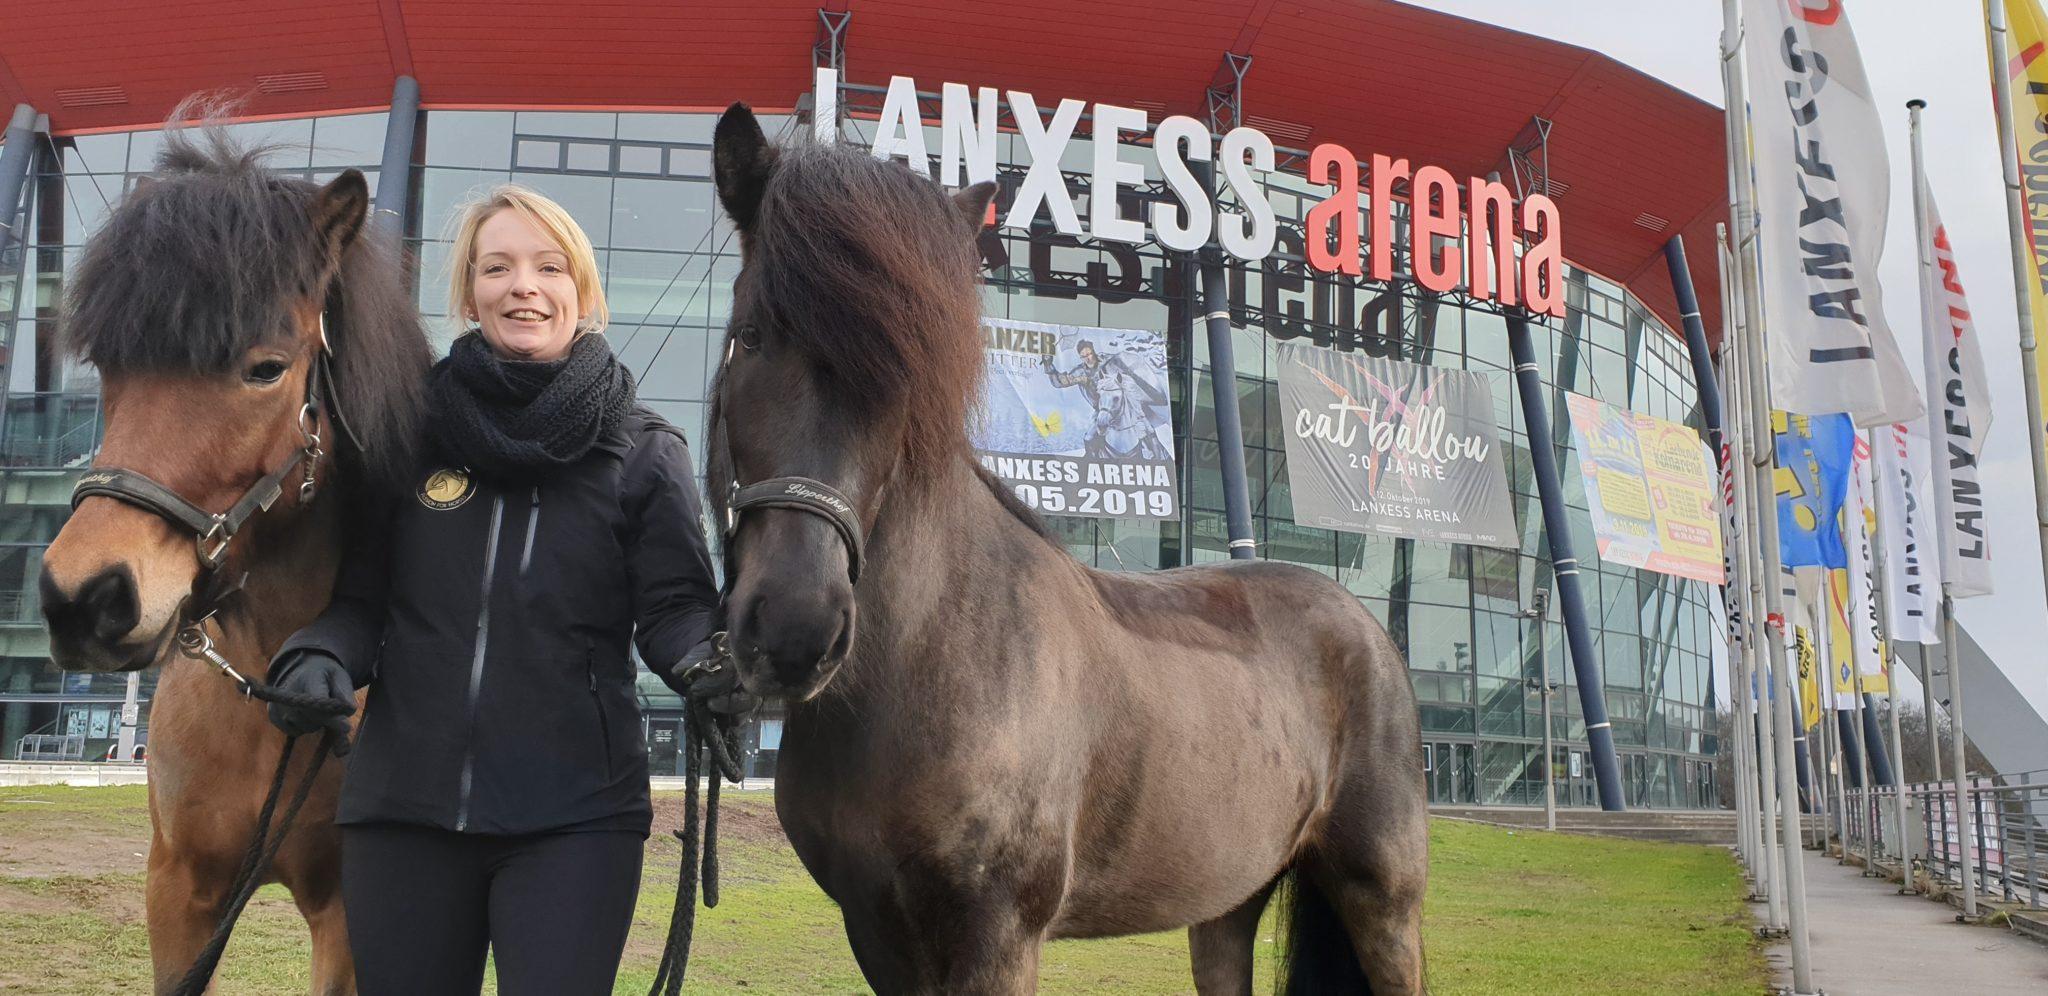 CAVALLUNA – Europas beliebteste Pferdeshow live in Köln